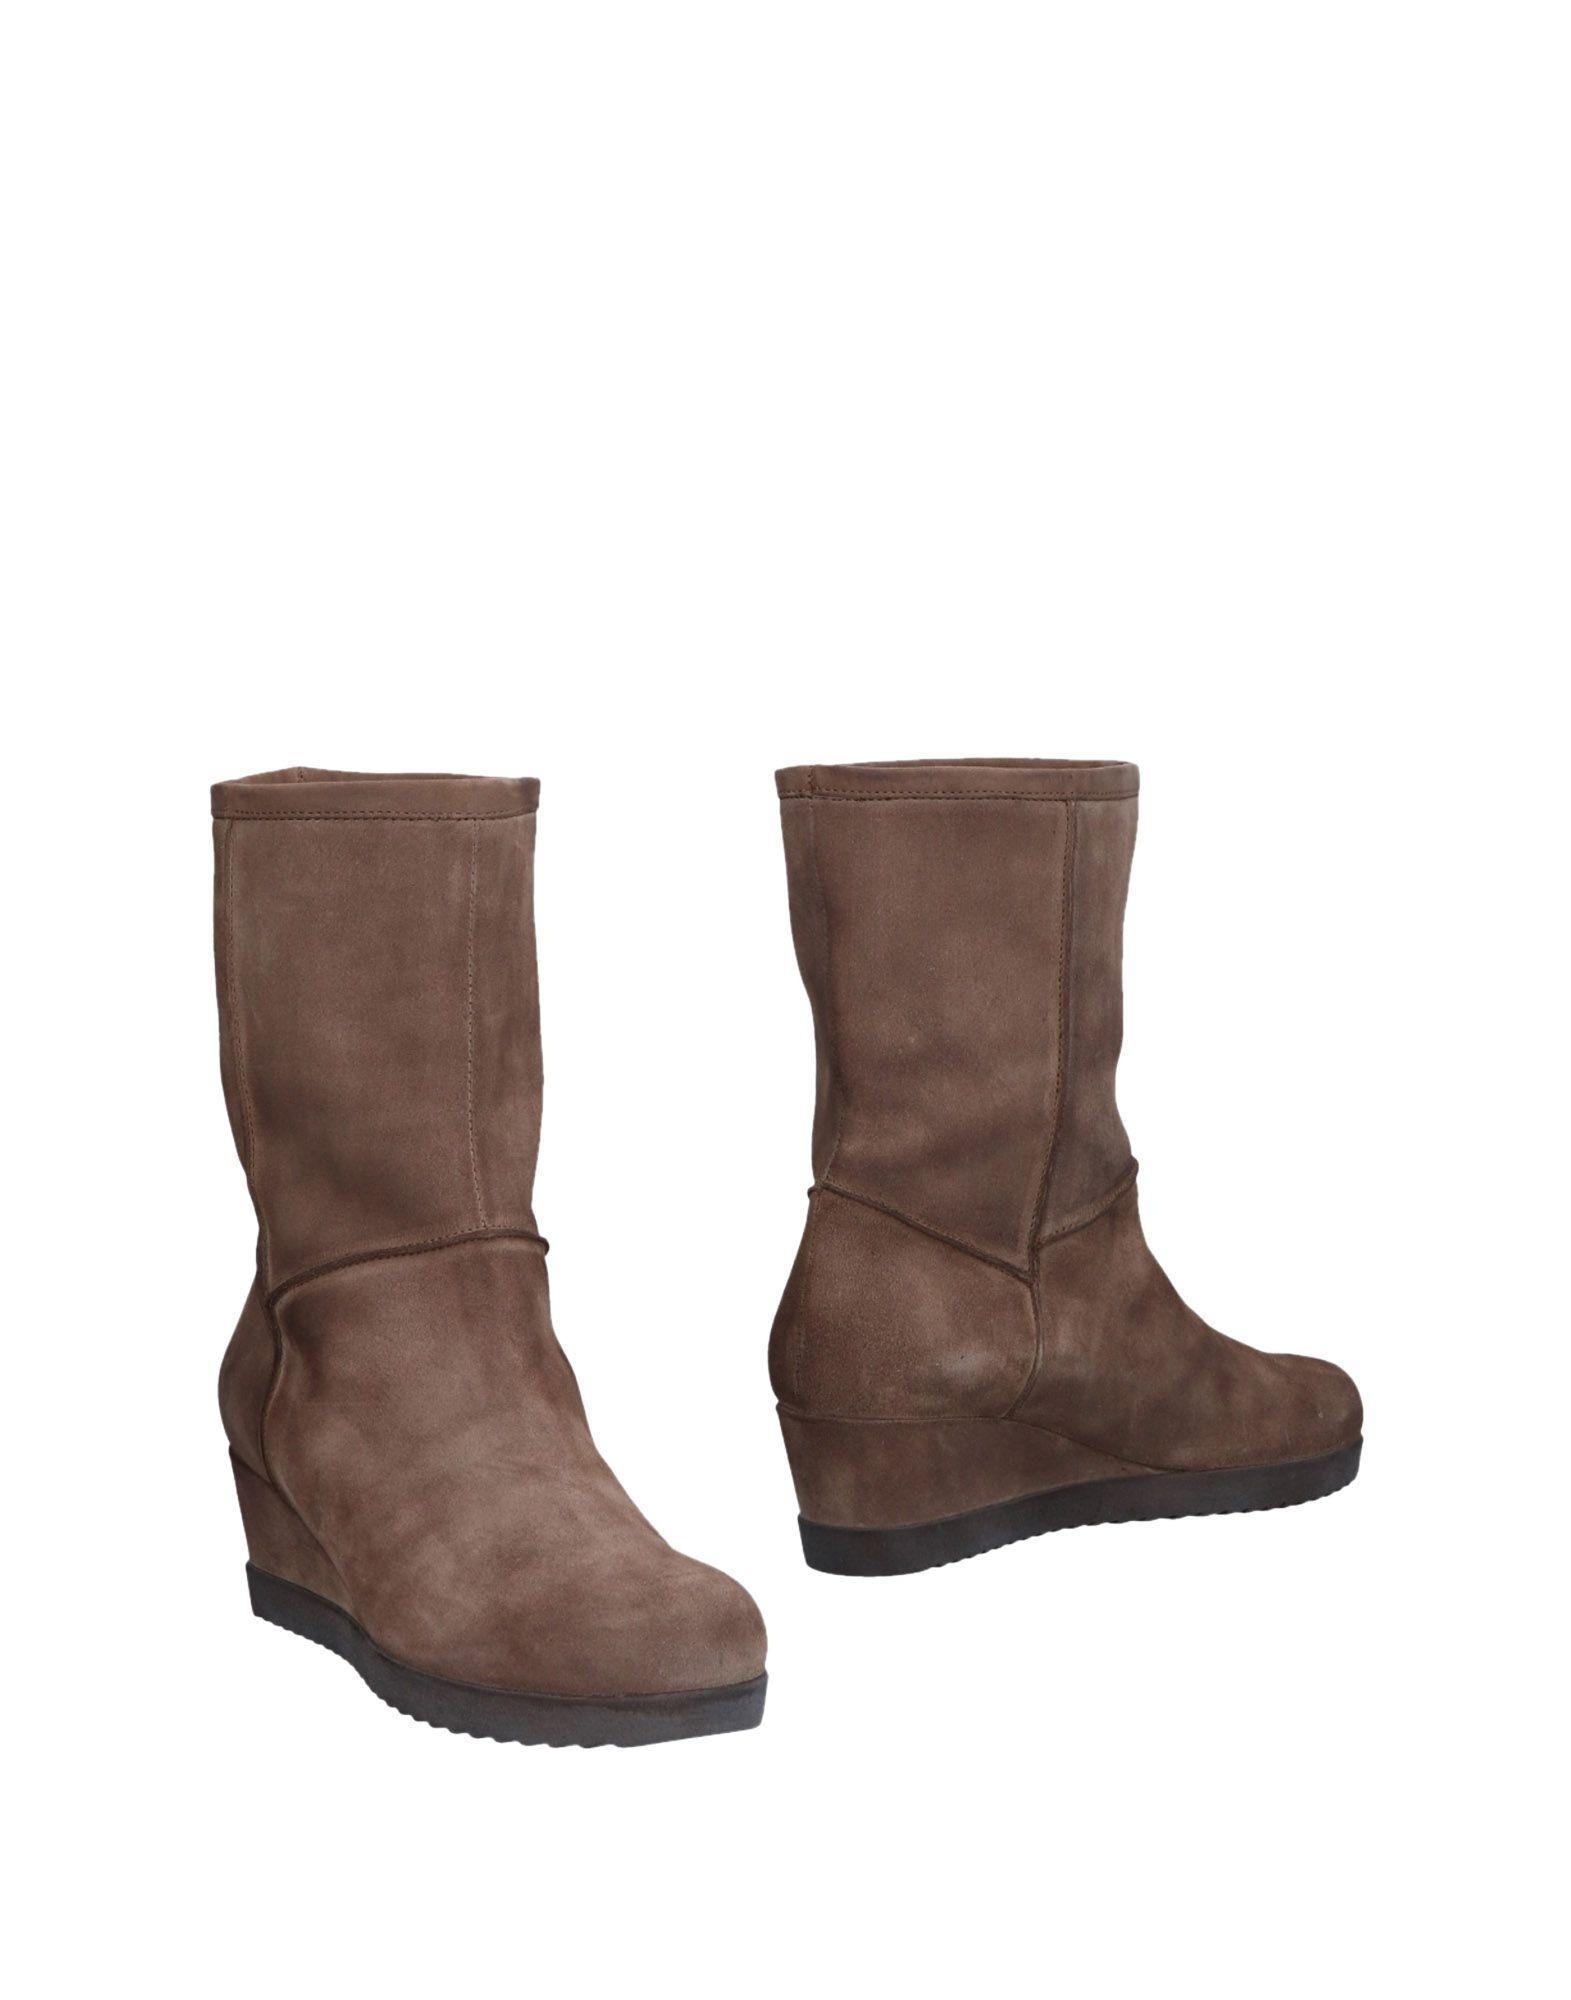 Janet Sport Stiefelette Damen  11481296LX Gute Qualität beliebte Schuhe